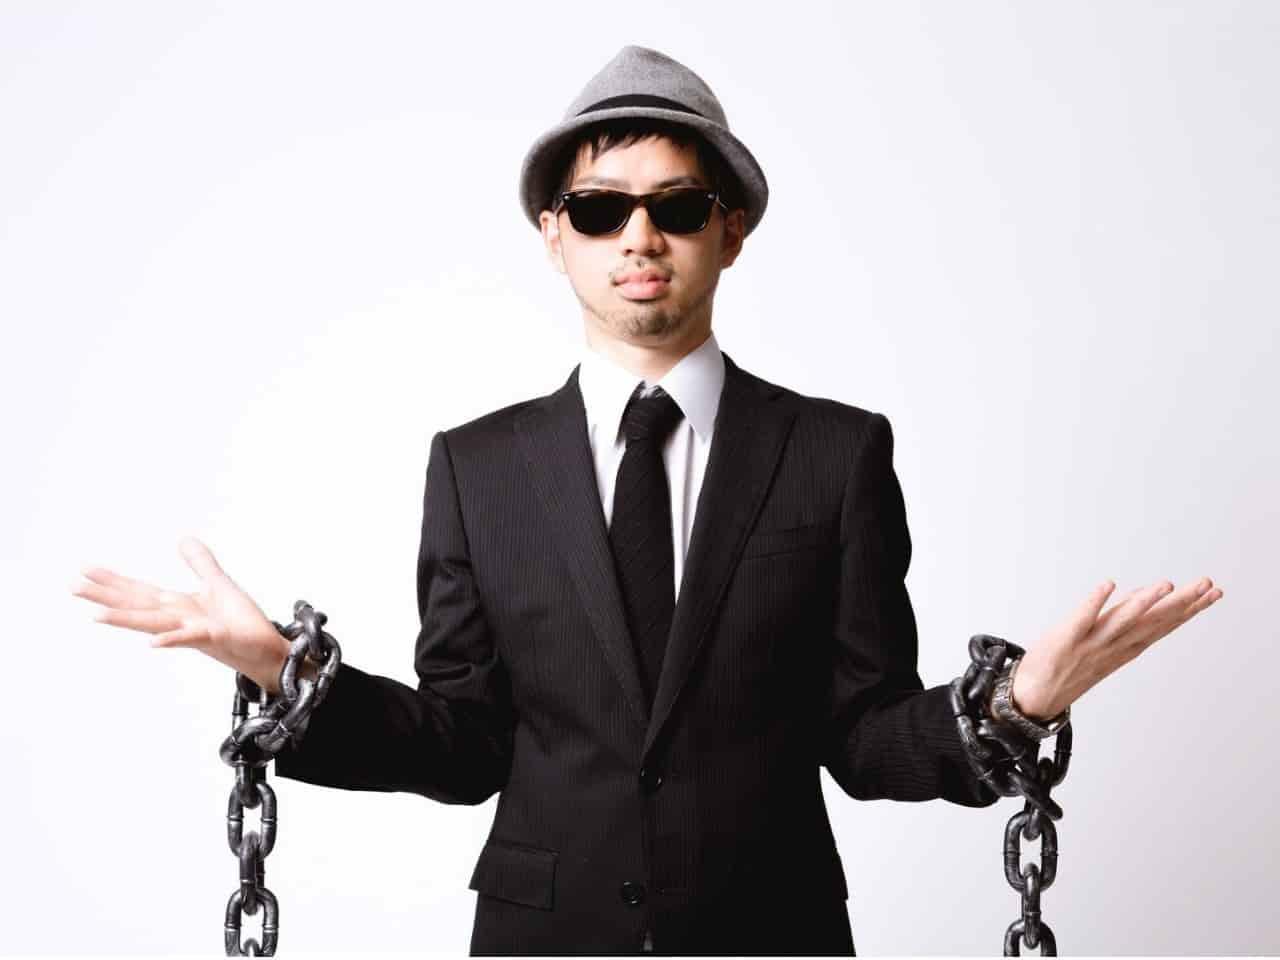 両腕を鎖でつながれて拘束された男性